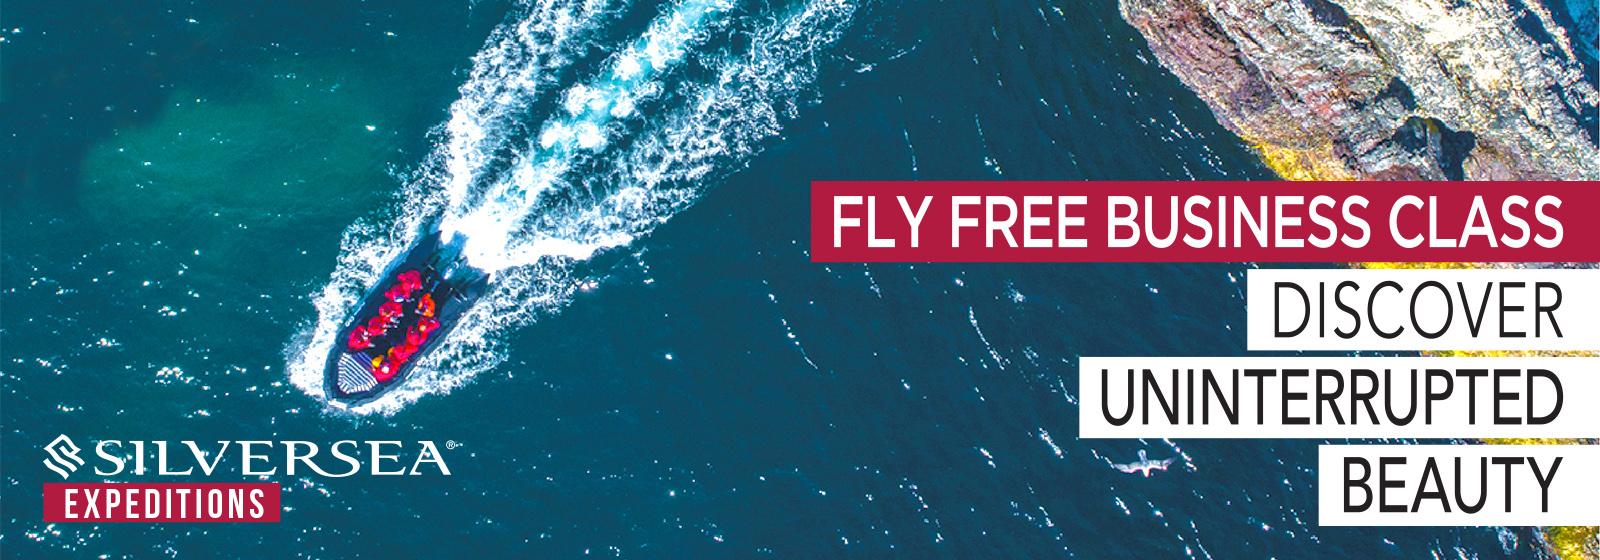 Silversea Fly Free1